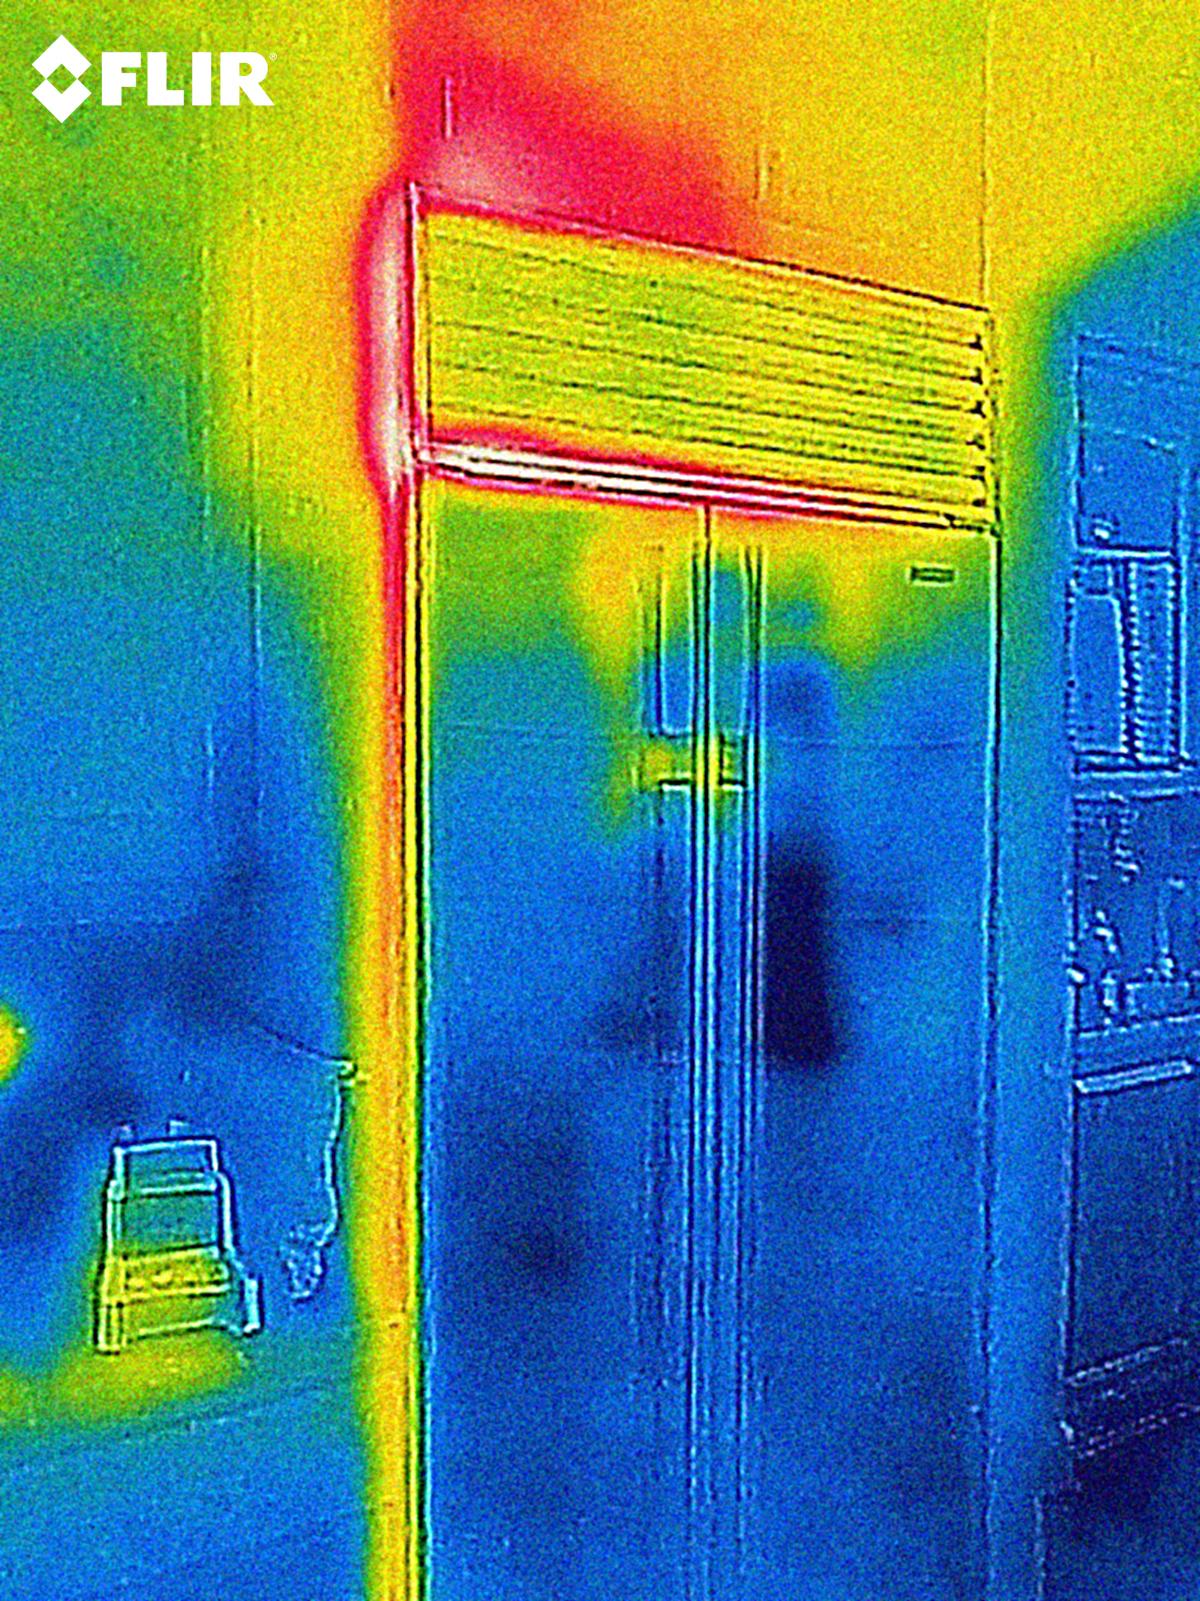 FlirOne immagine scansione termica 2